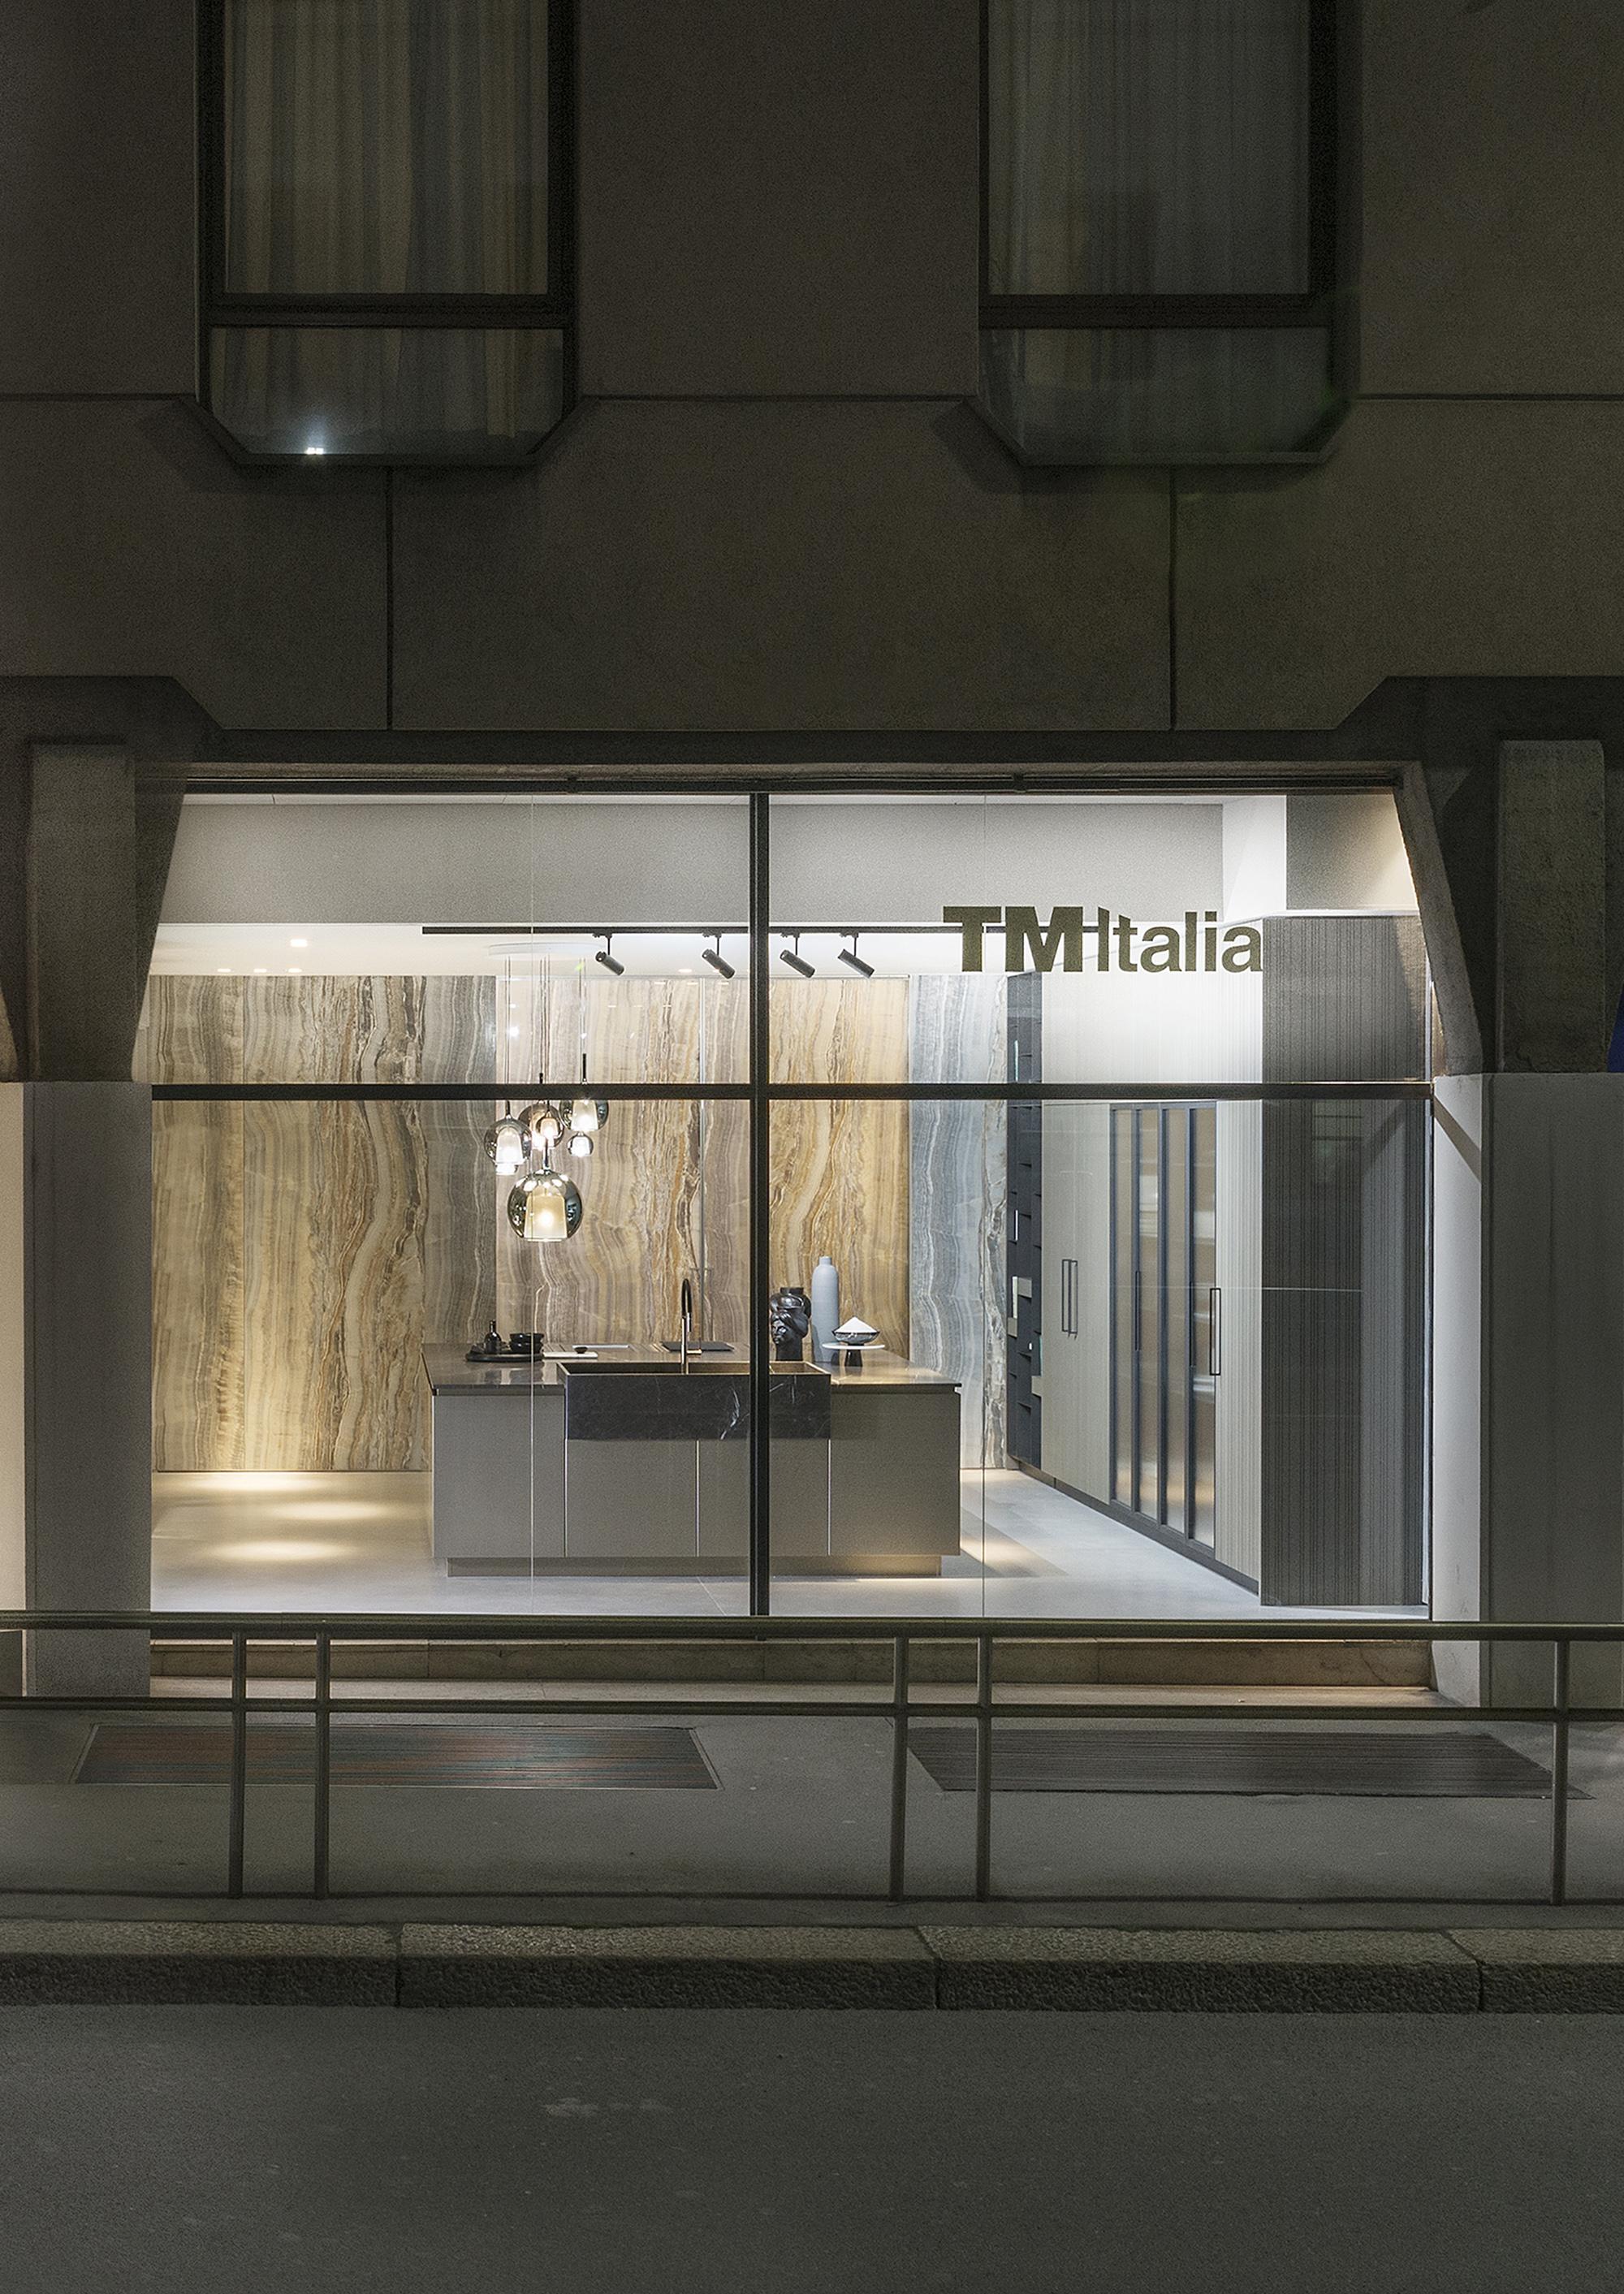 Via Larga 3. A Milano, TM Italia abita un nuovo spazio espositivo dedicato all'alto design italiano. - TM_MI19_Vetrina-T45-Rua-copy